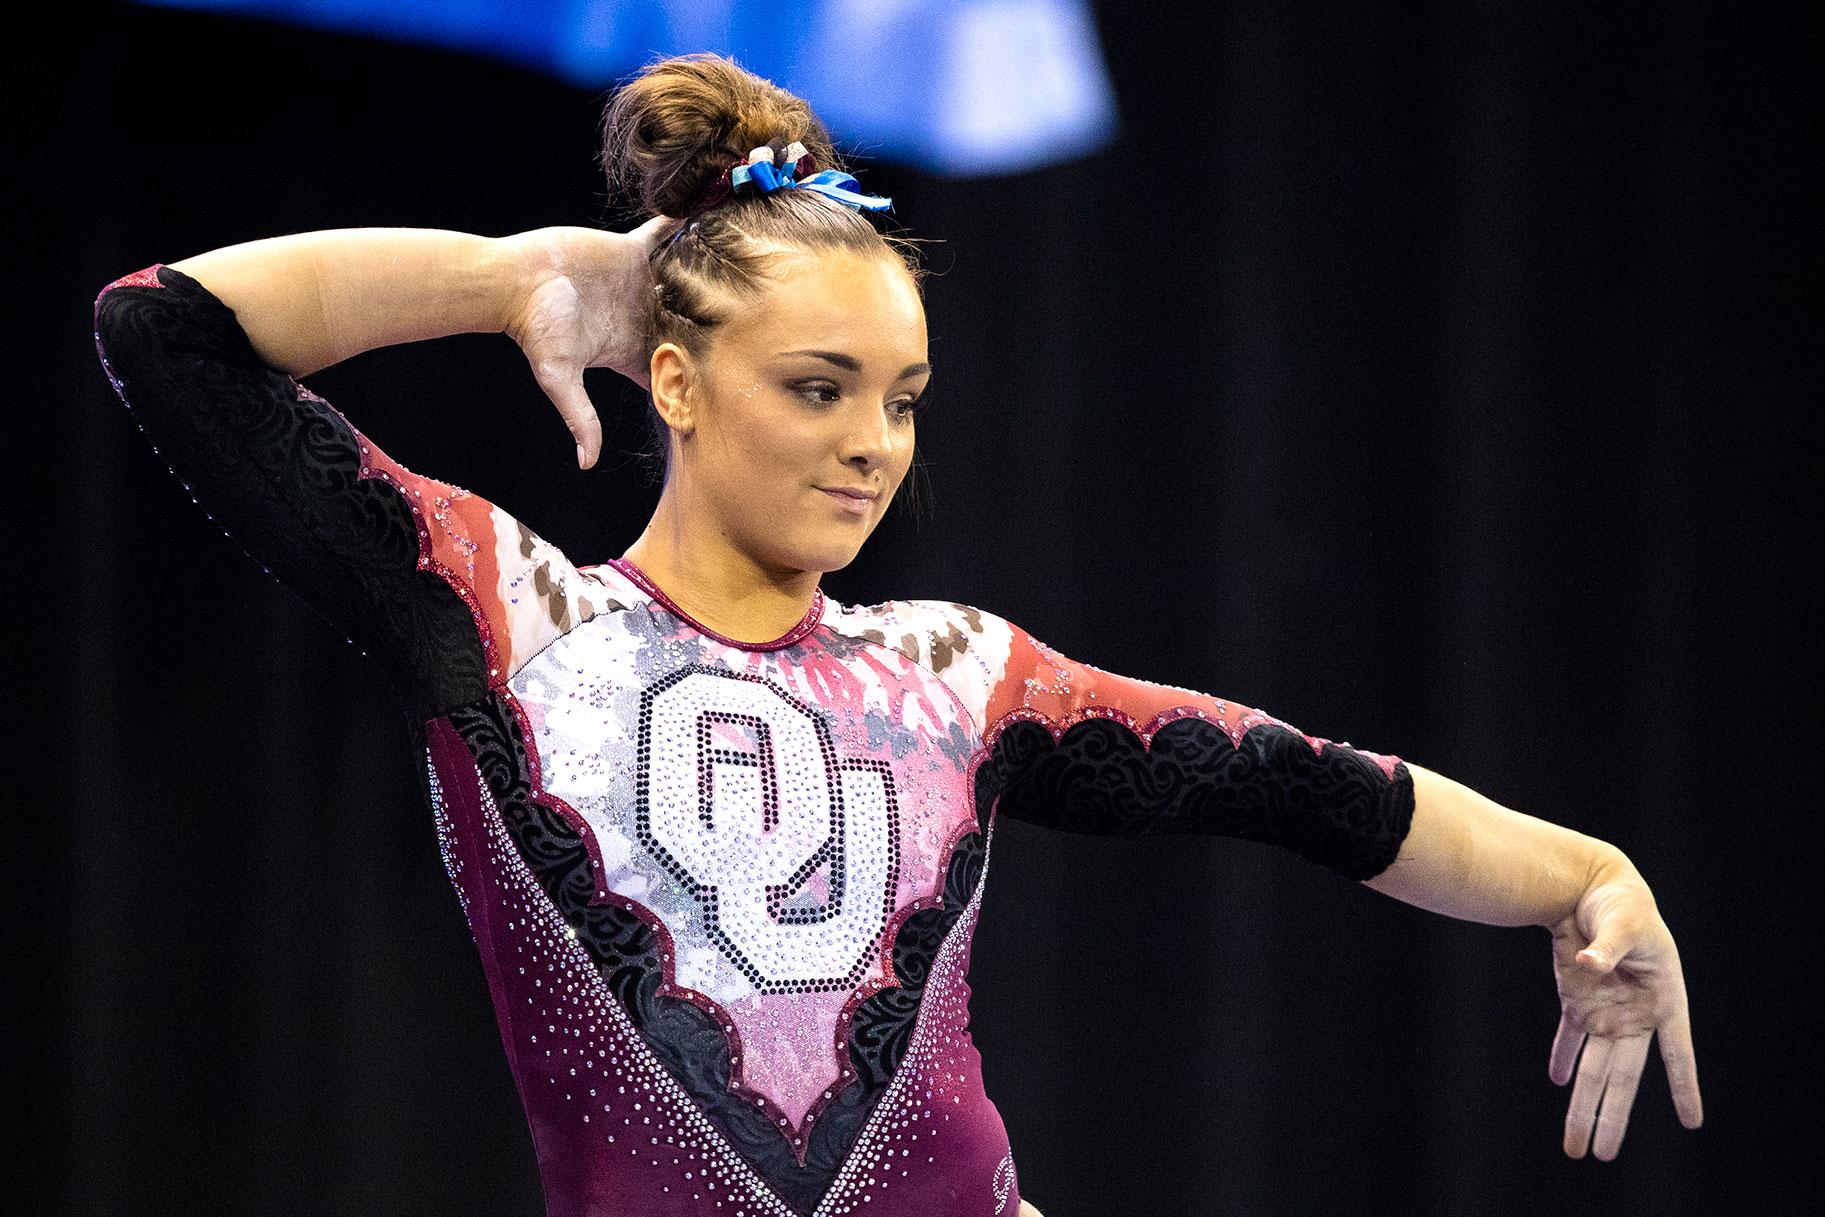 Hvor er 'atlet A' gymnast Maggie Nichols, den første, der formelt kommer frem mod Larry Nassar, nu?